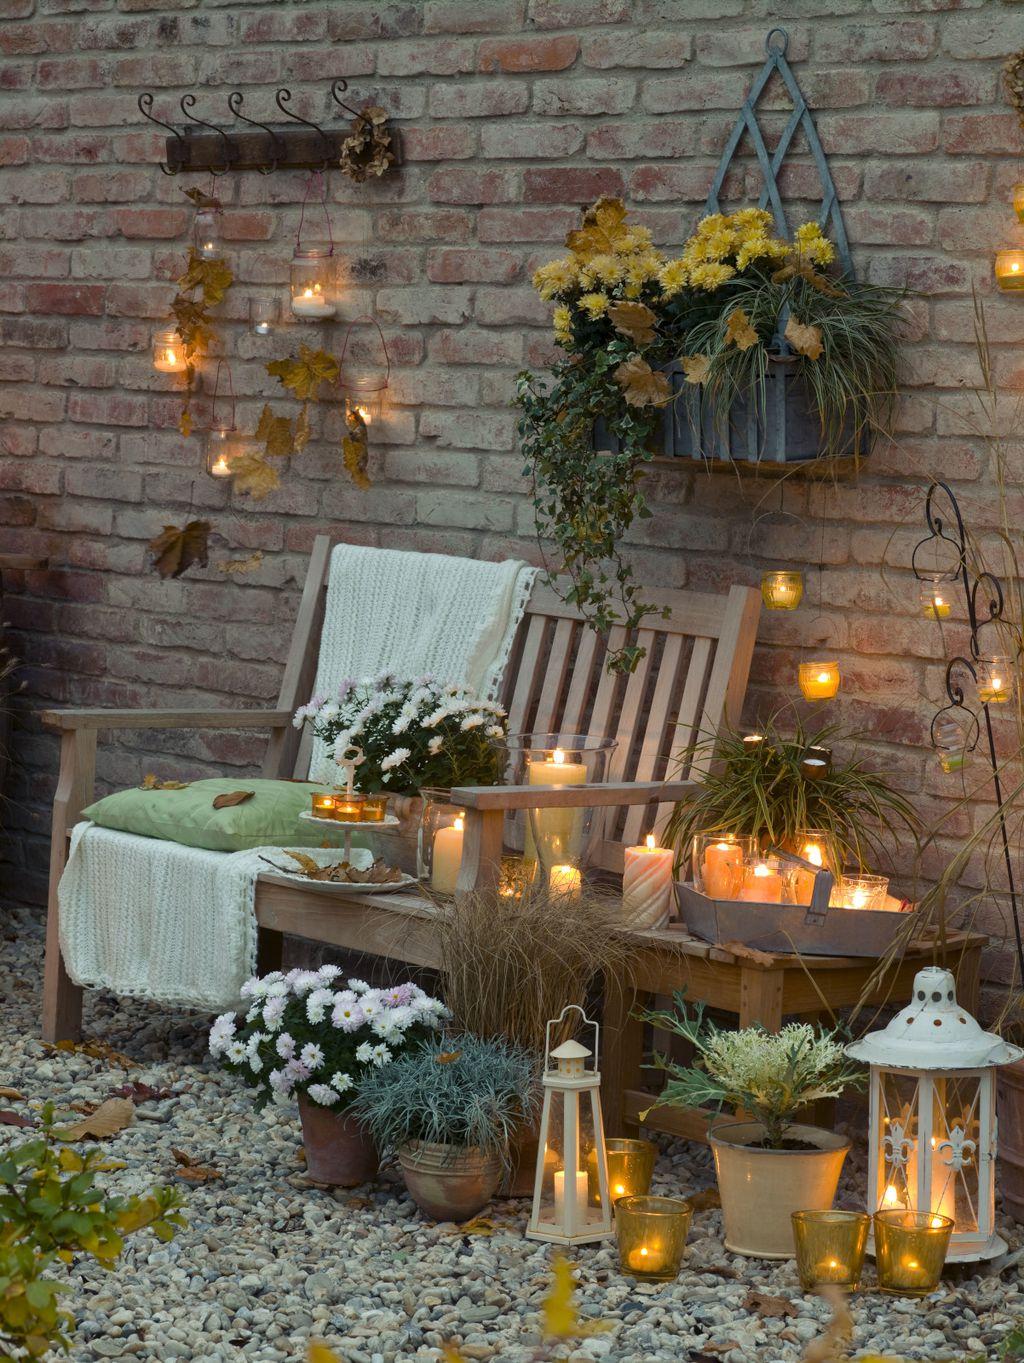 Večernja atmosfera na terasi u jesen